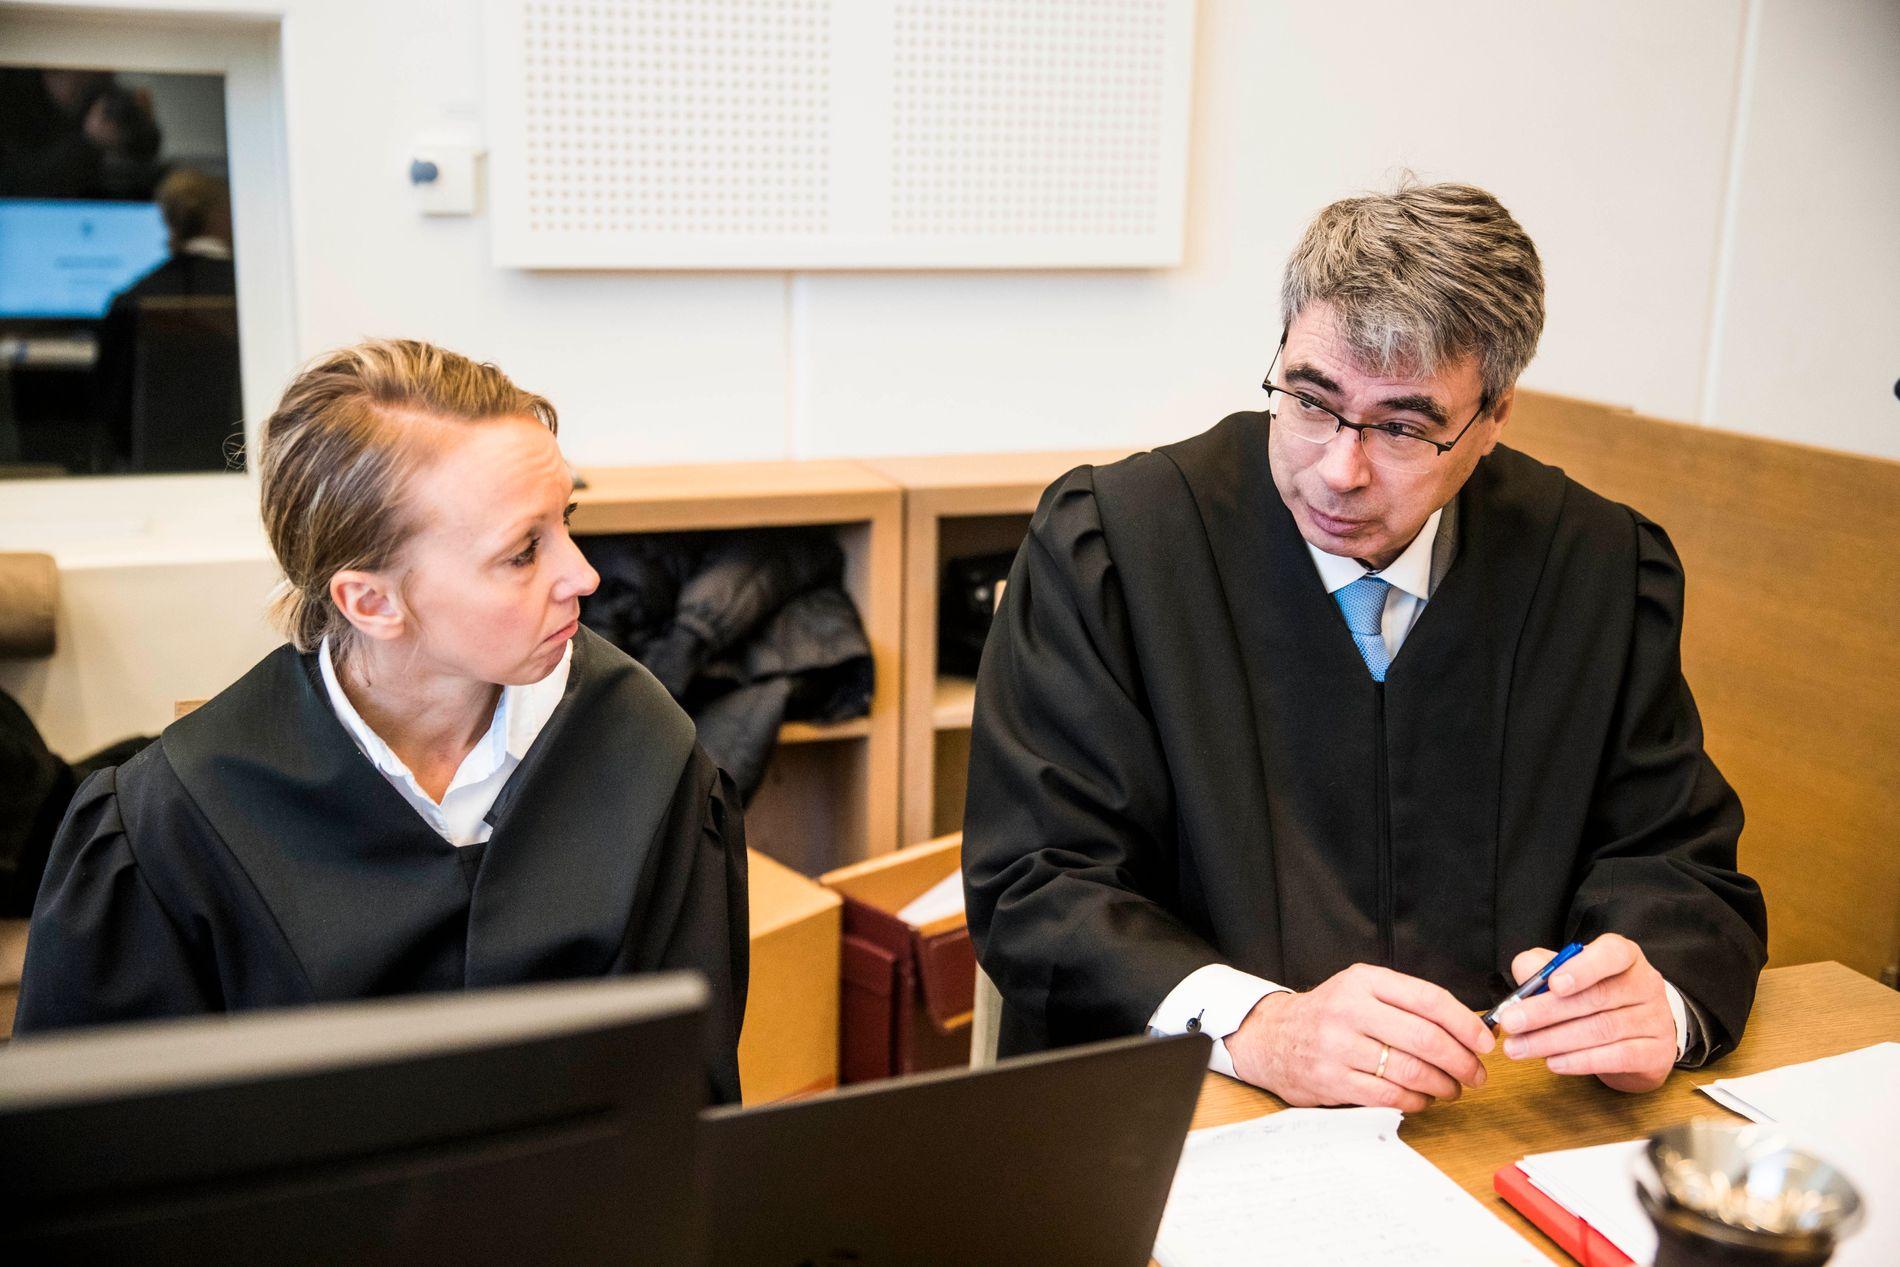 AKTOR: Statsadvokat Arne Ingvald Dymbe uttalte til VG denne uken at han gjerne skulle stilt den tiltalte kvinnen i Valdres-saken konfronterende spørsmål.